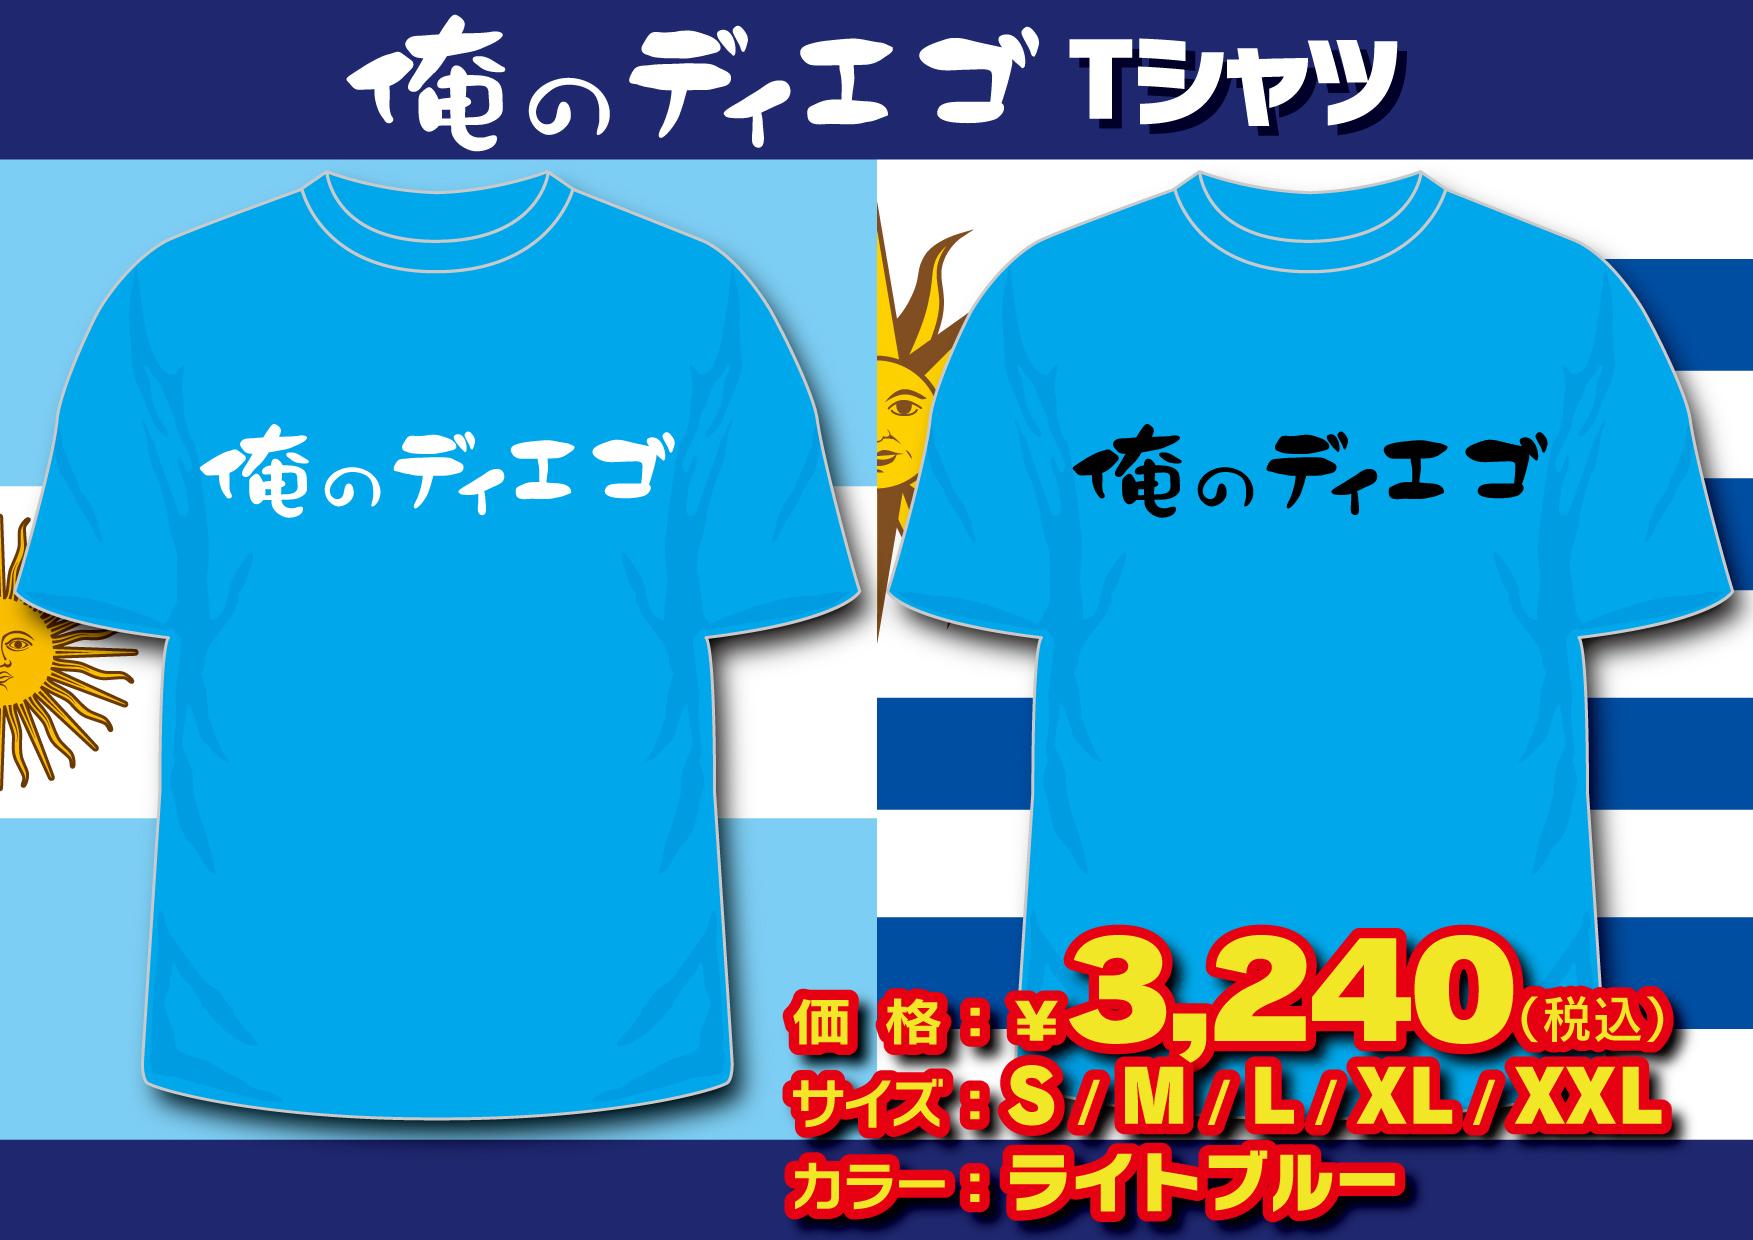 俺のディエゴ Tシャツ